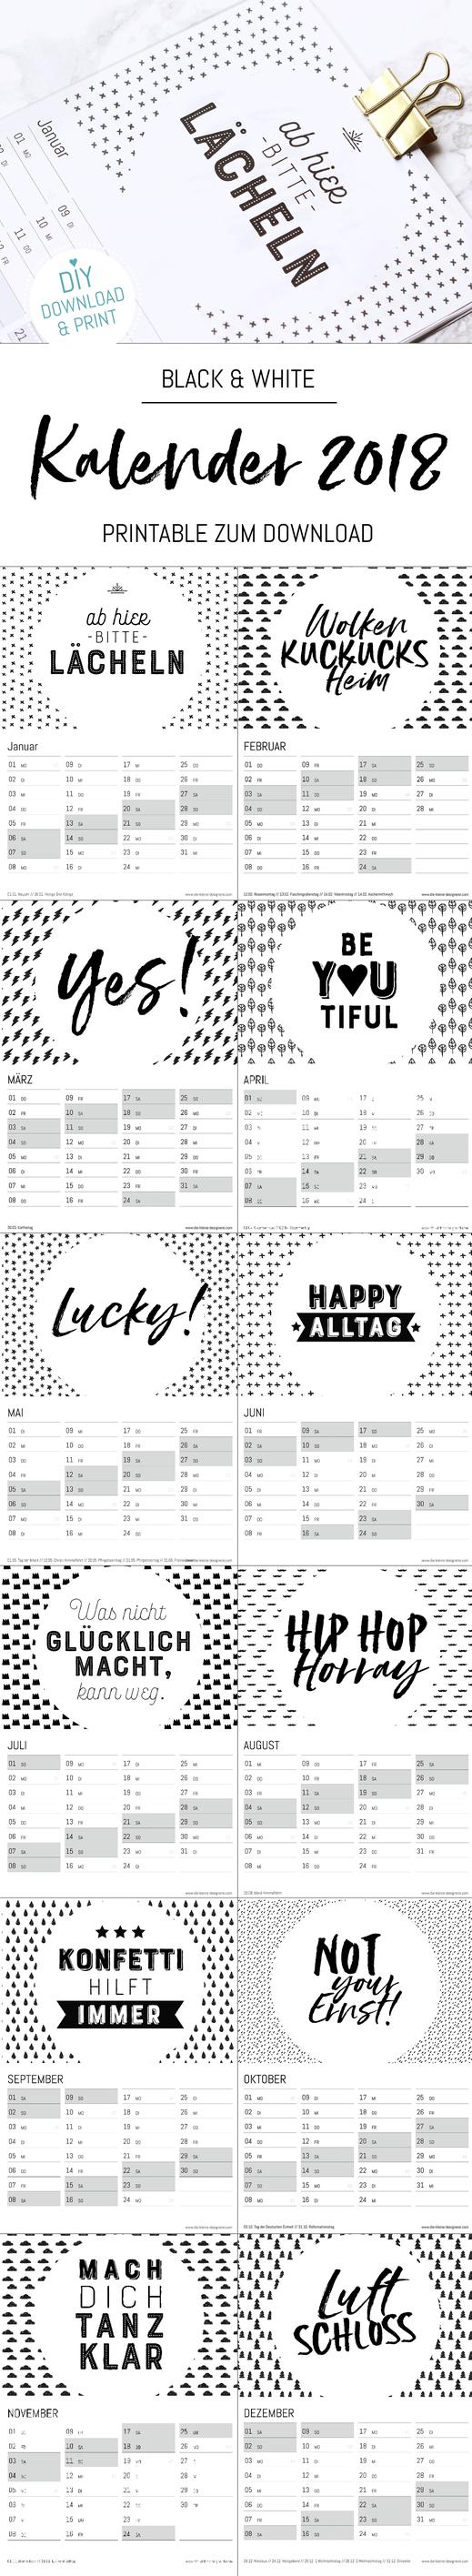 Wandkalender 2018, downloaden, ausdrucken und aufhängen. Jetzt mit Ferienkalender und ewigen Geburtstagskalender, auf www.die-kleine-designerei.com